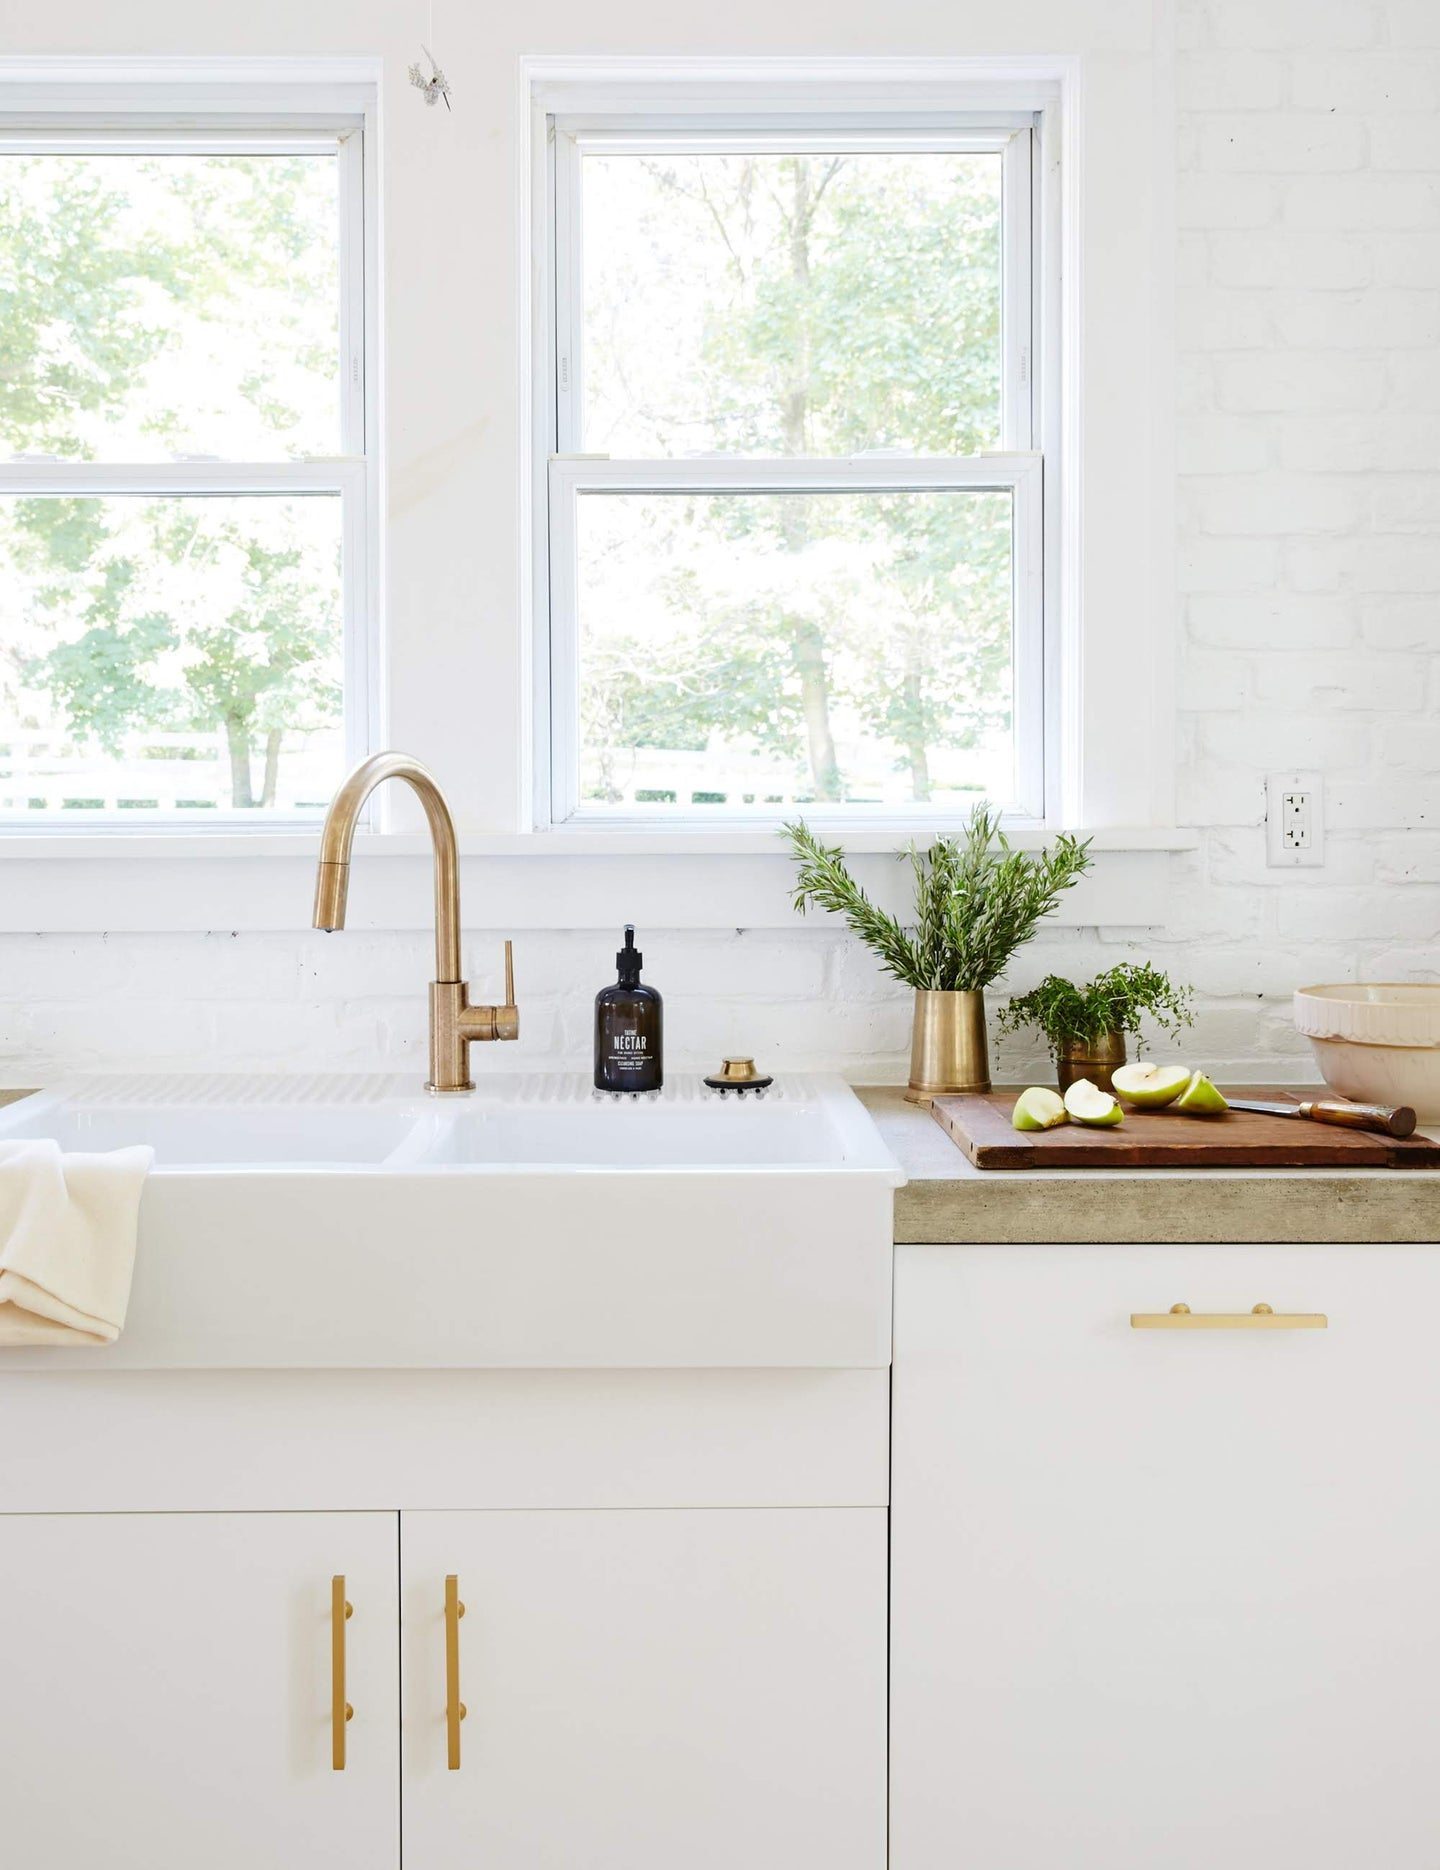 white kitchen farmhosue sink